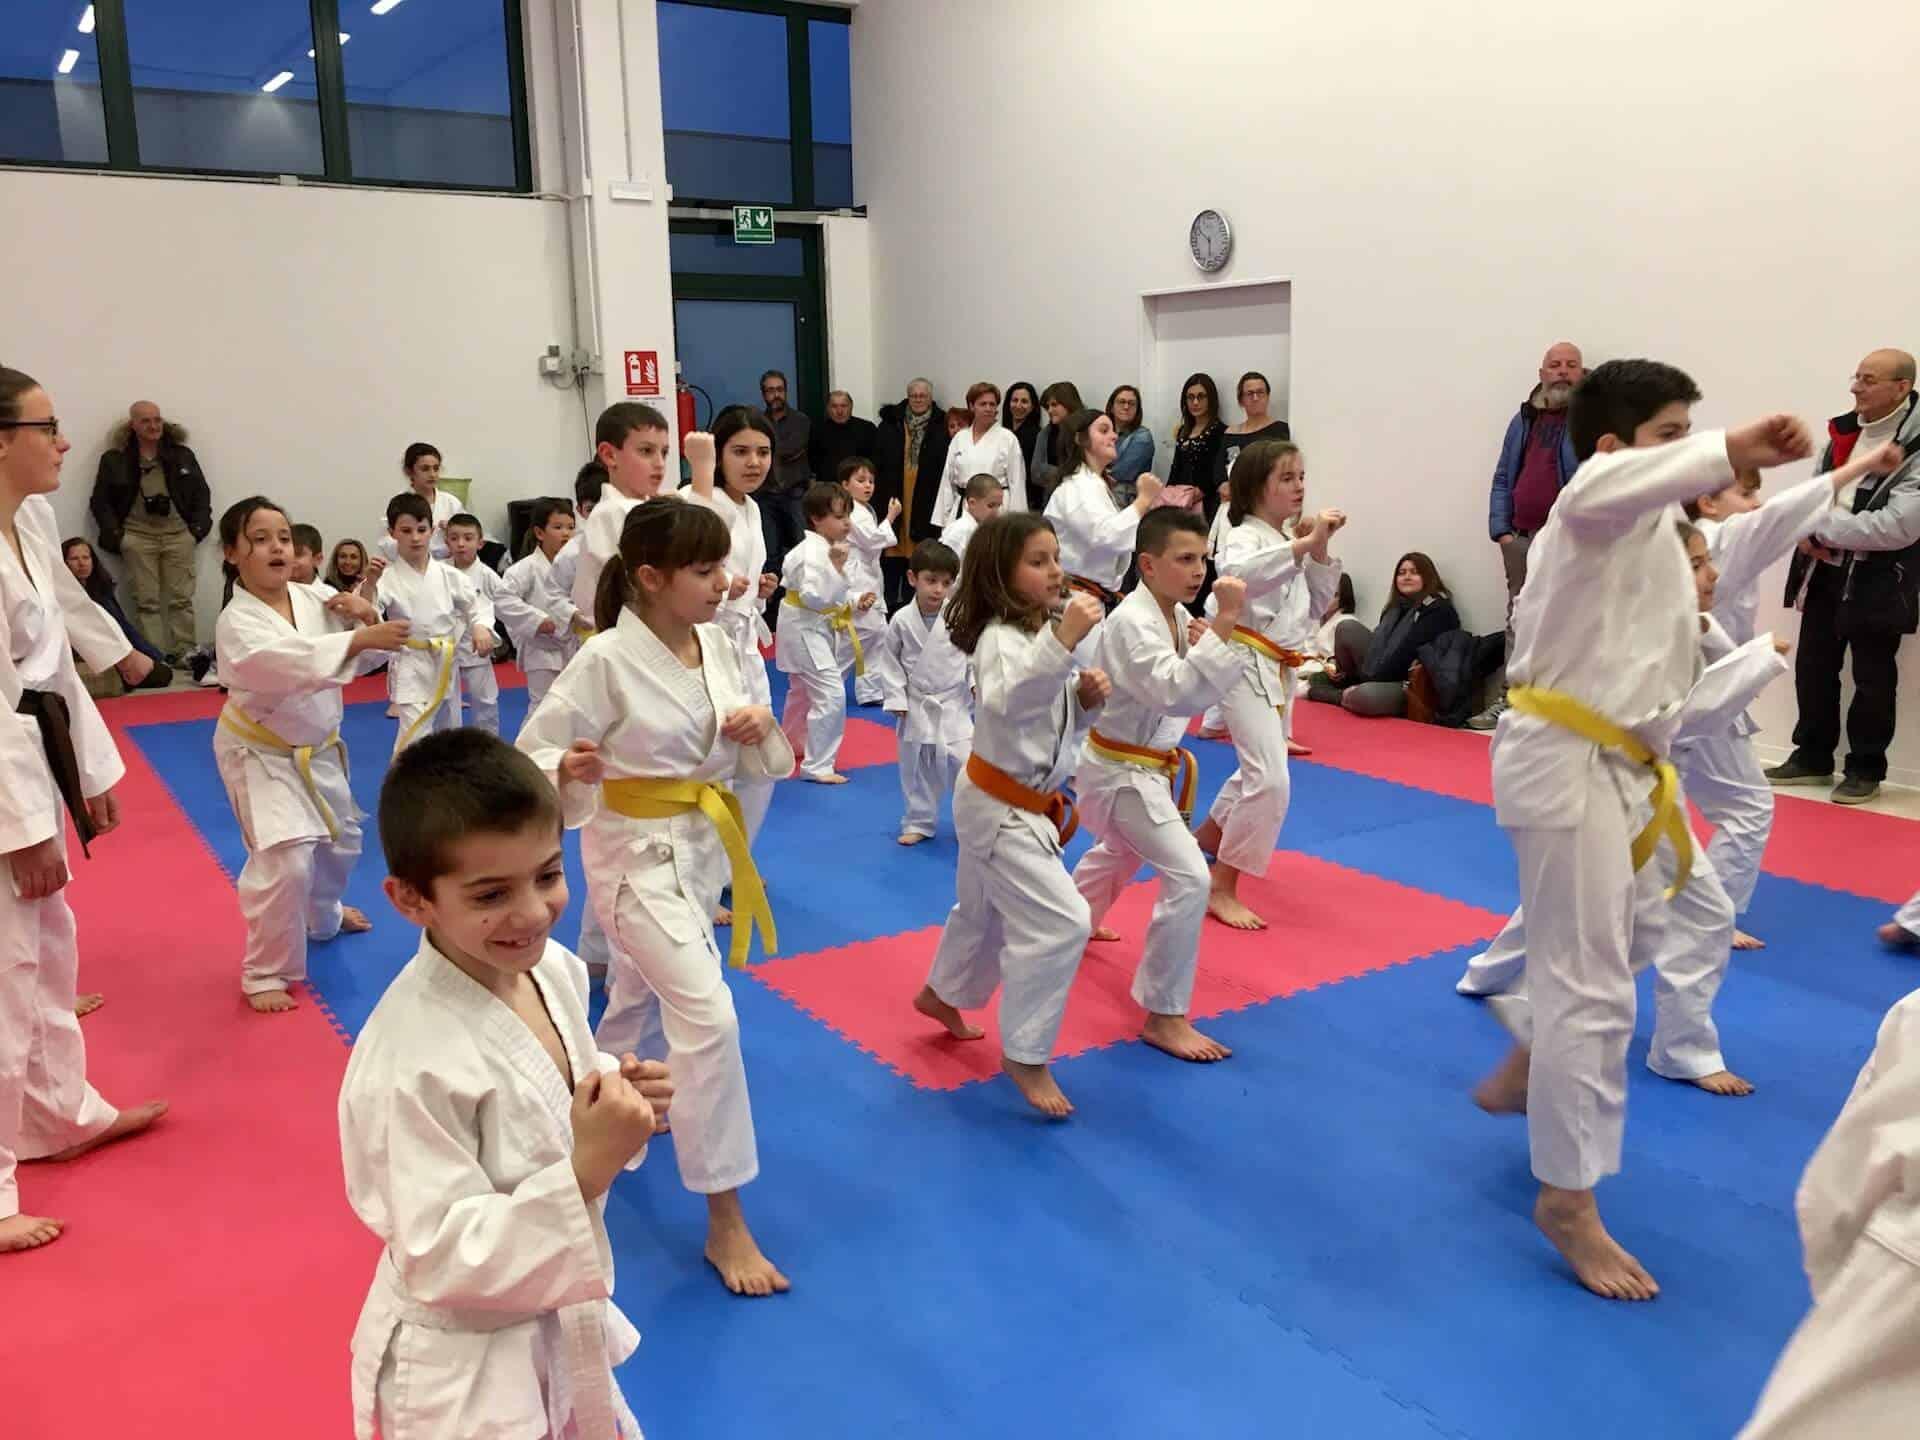 Karate Jitsu - Arti Marziali per lo sviluppo psico-motorio del bambino e del ragazzo